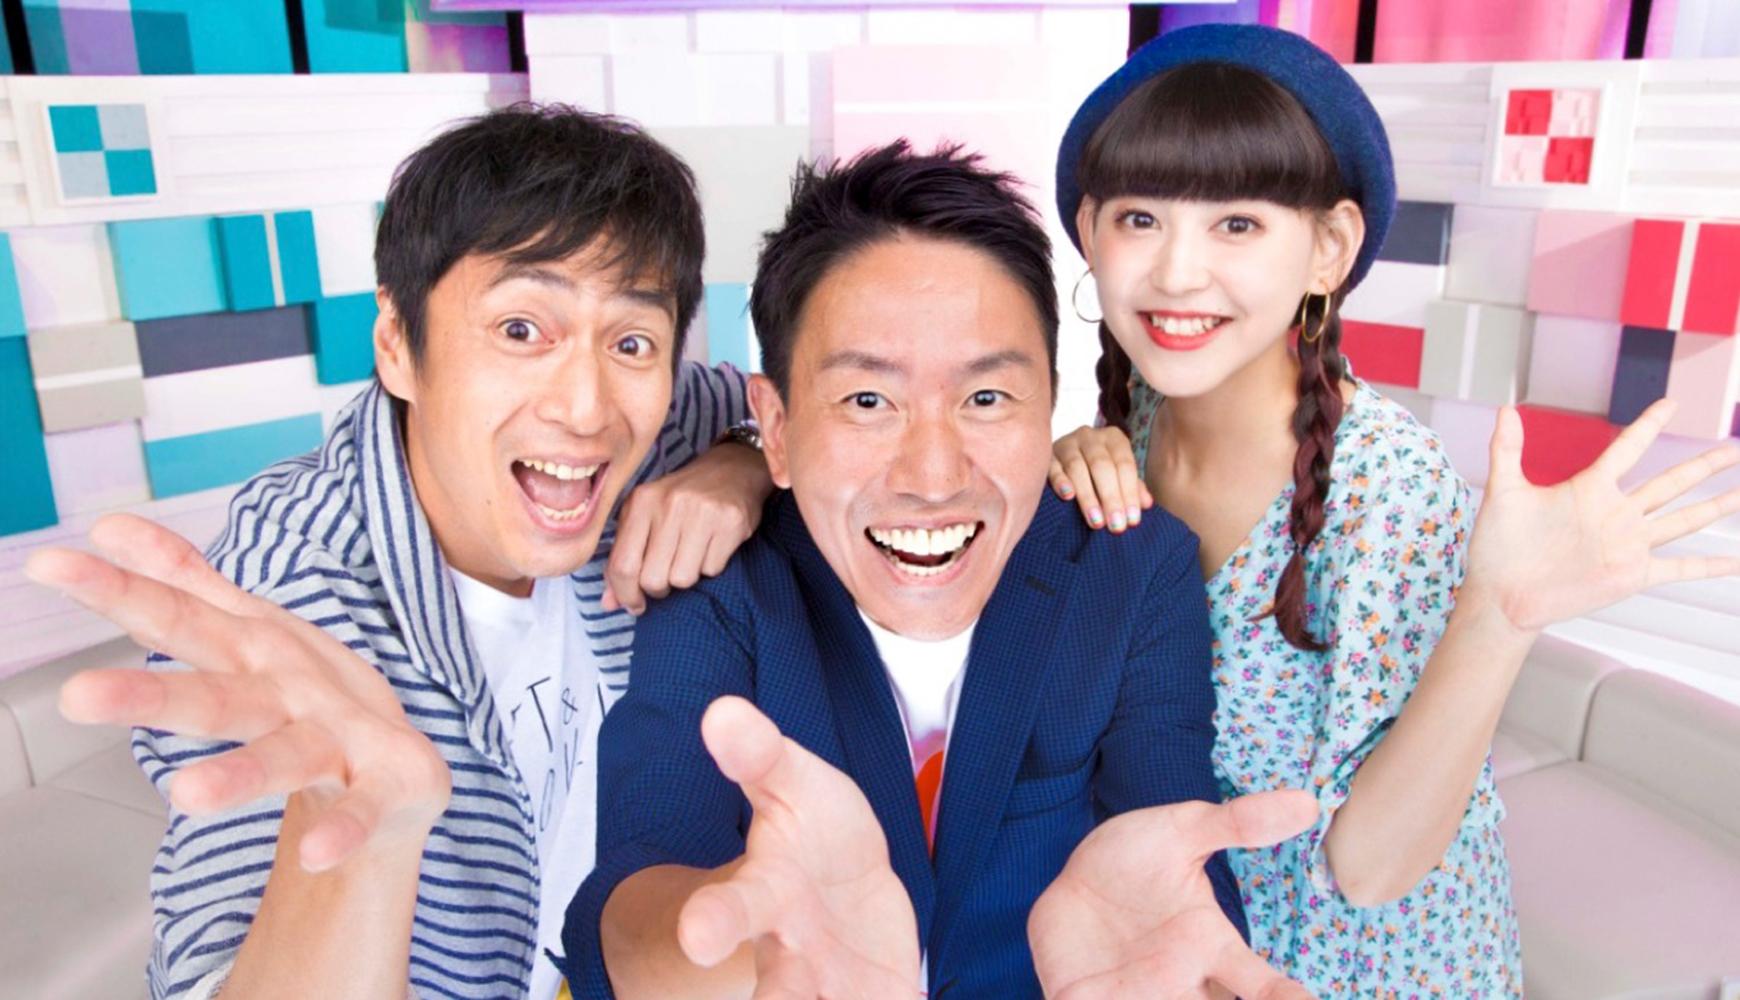 スペシャTV「チュートリアルの徳ダネ福キタル♪」に菅沼ゆりがレギュラー加入決定!